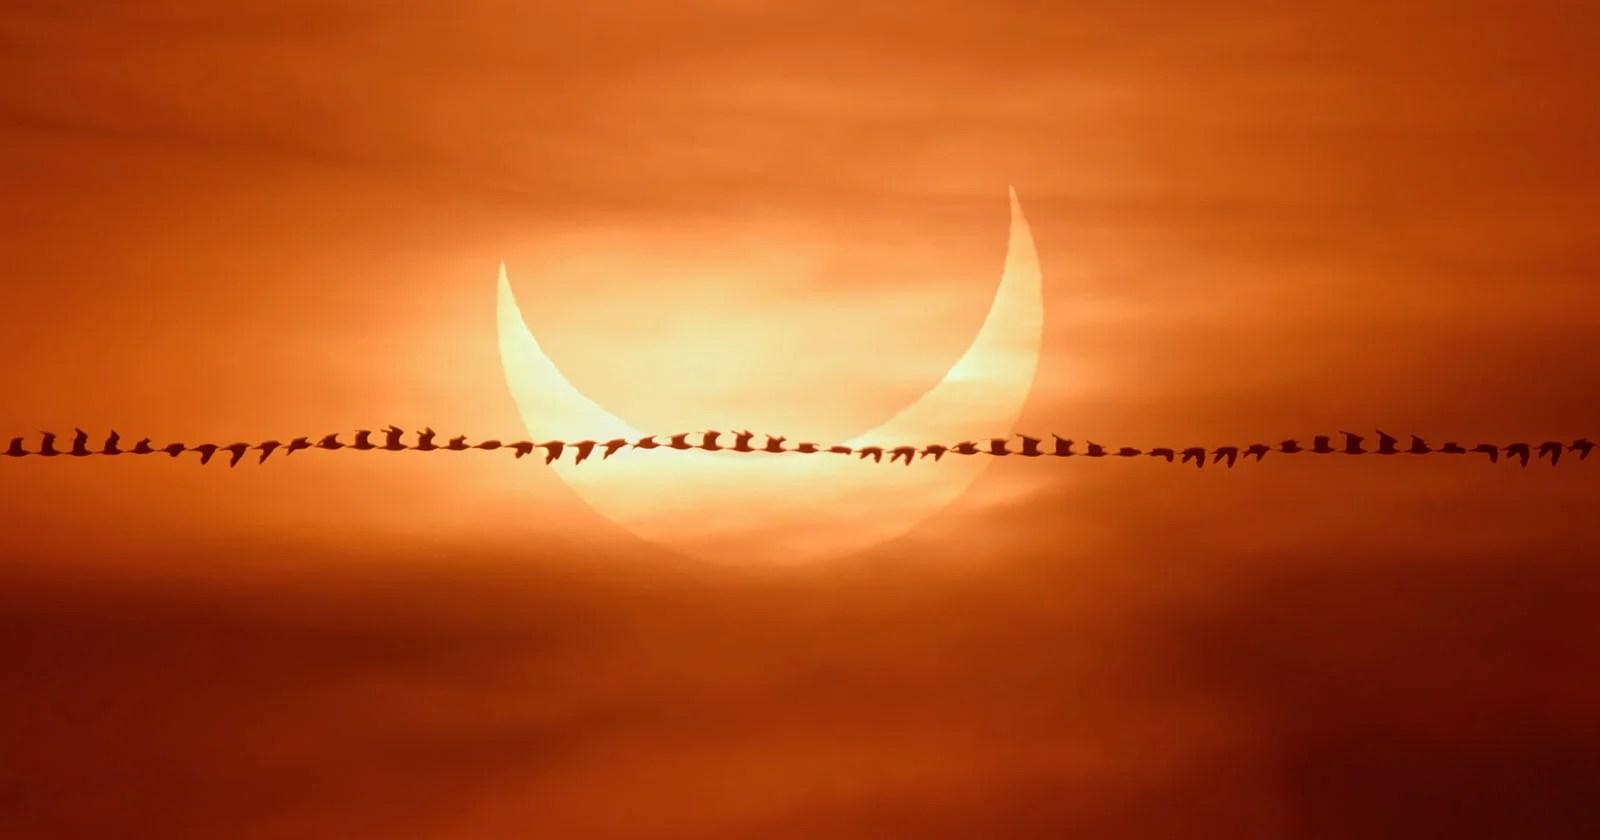 """Fotografo cattura """"la scia degli uccelli"""" contro un'eclissi solare"""